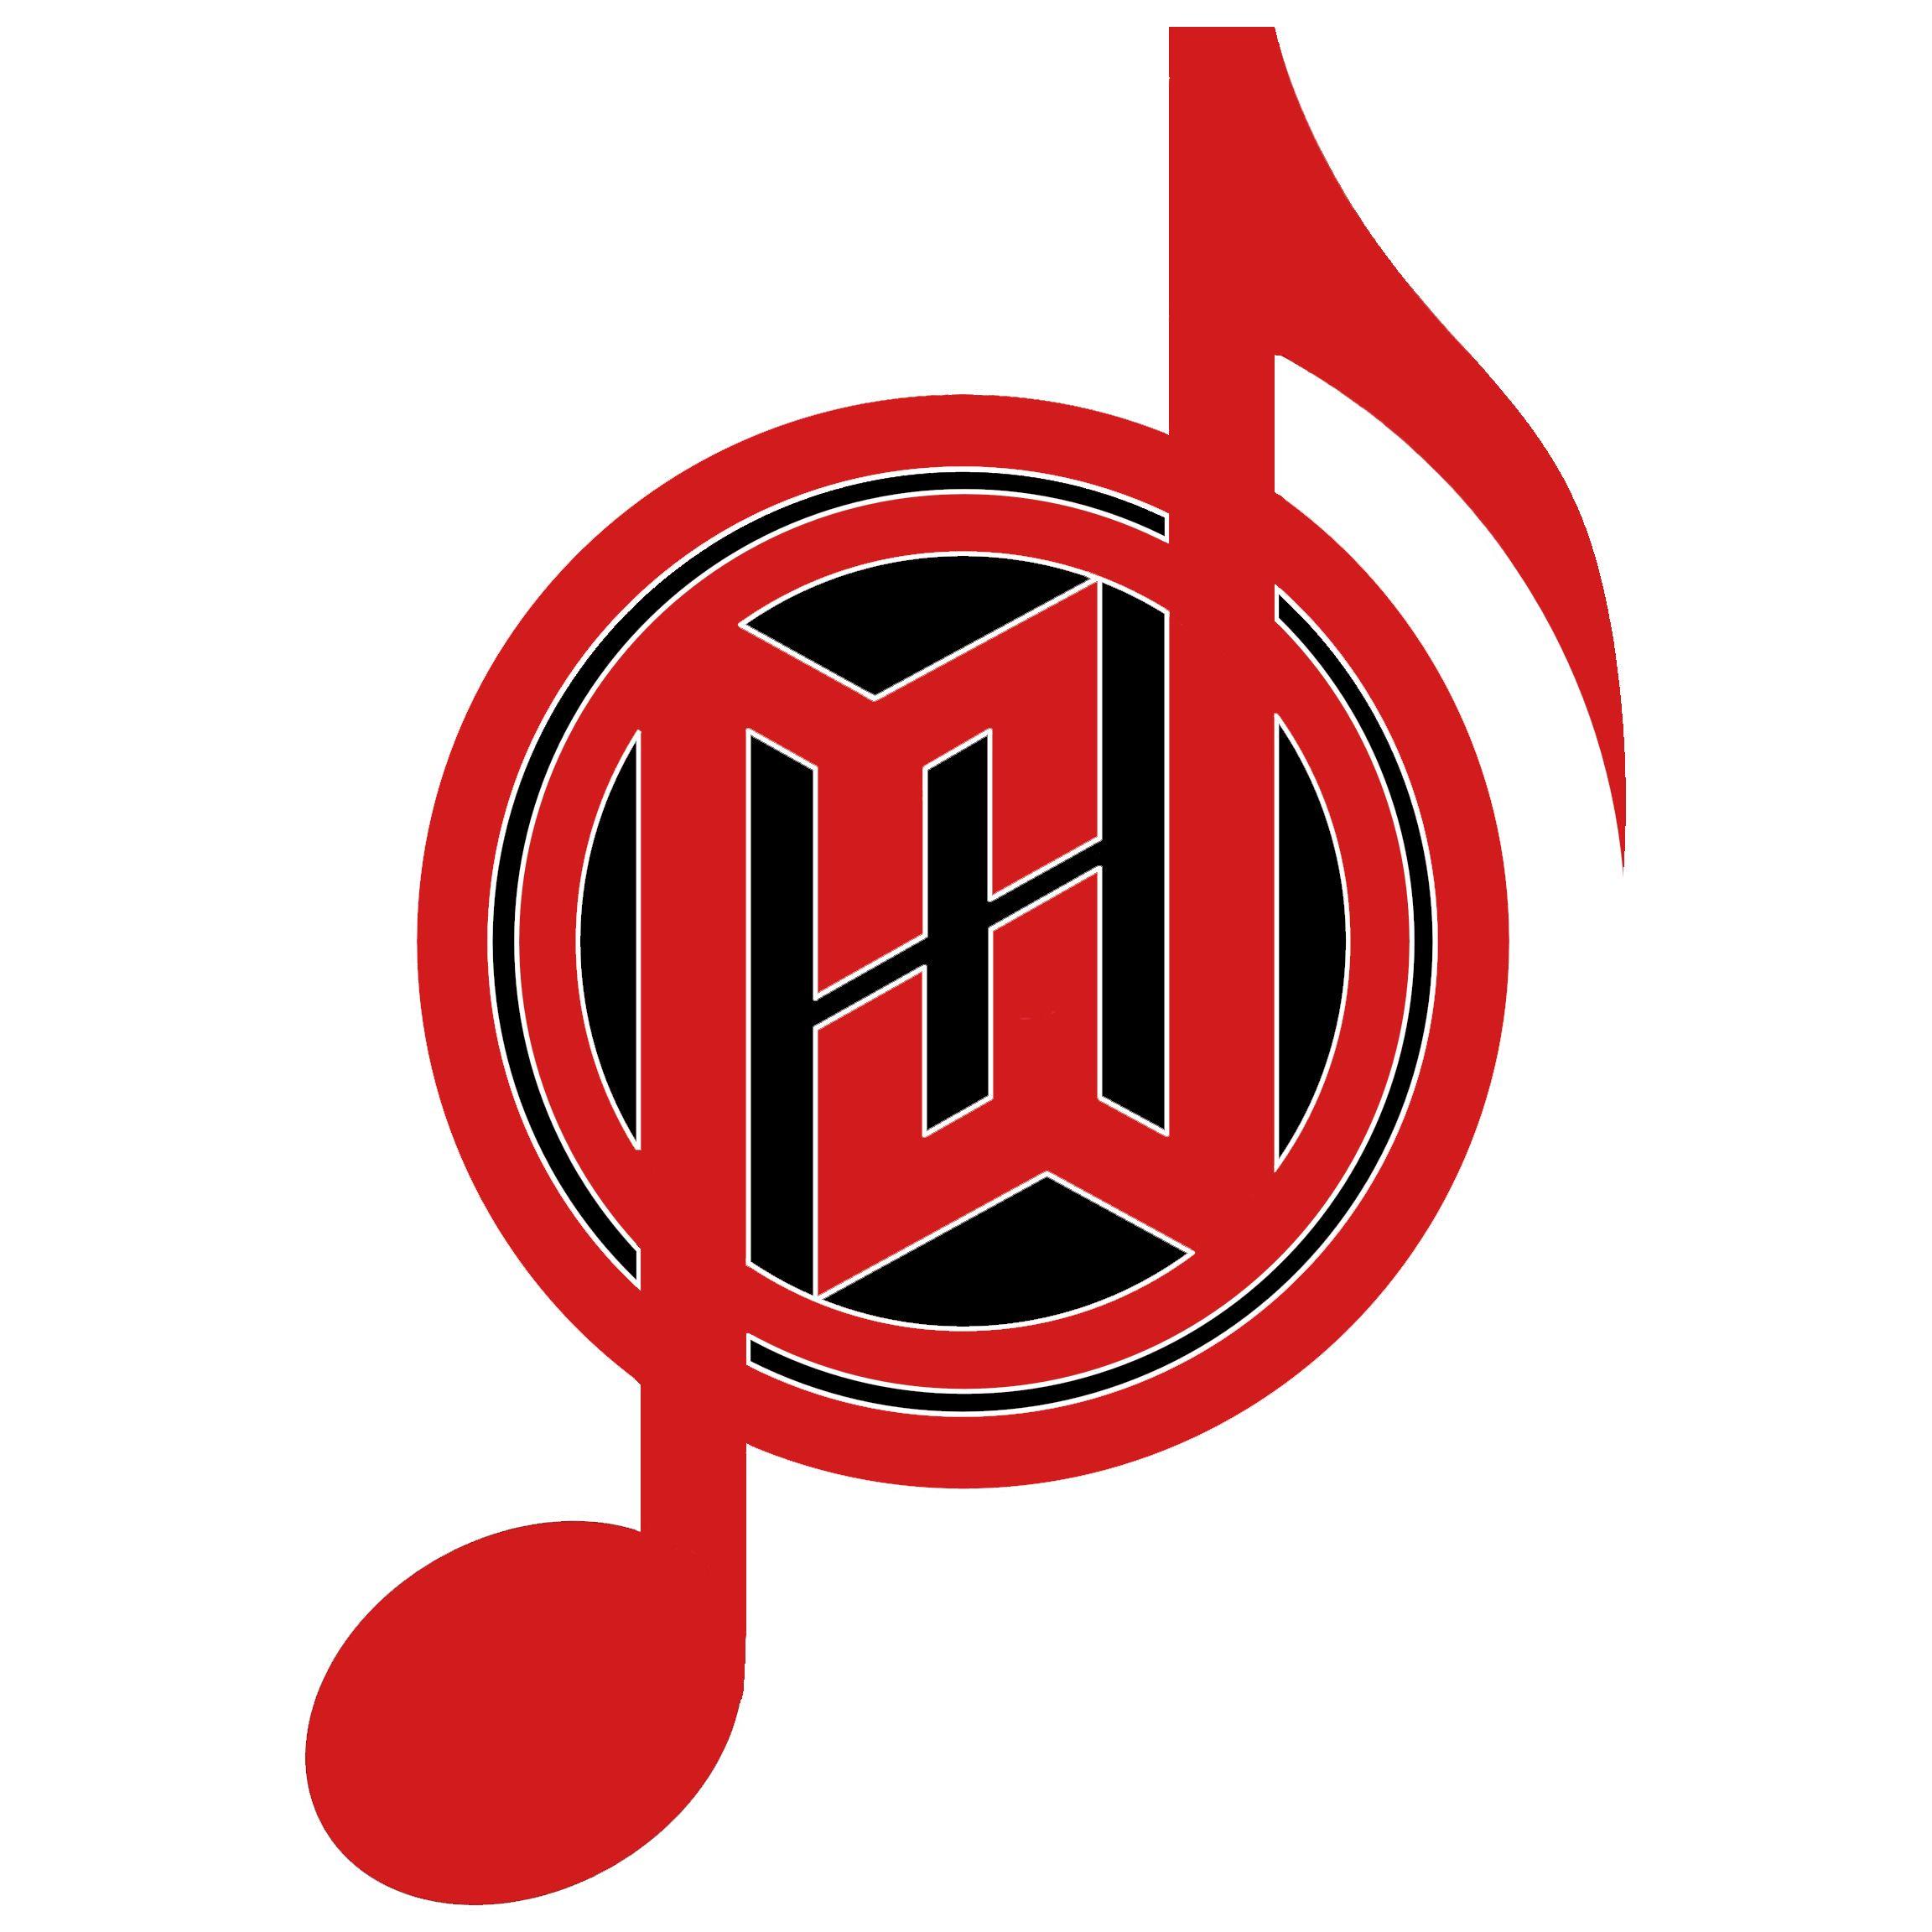 Pep Band Logo Google Search Logo Design Creative Band Logos School Band